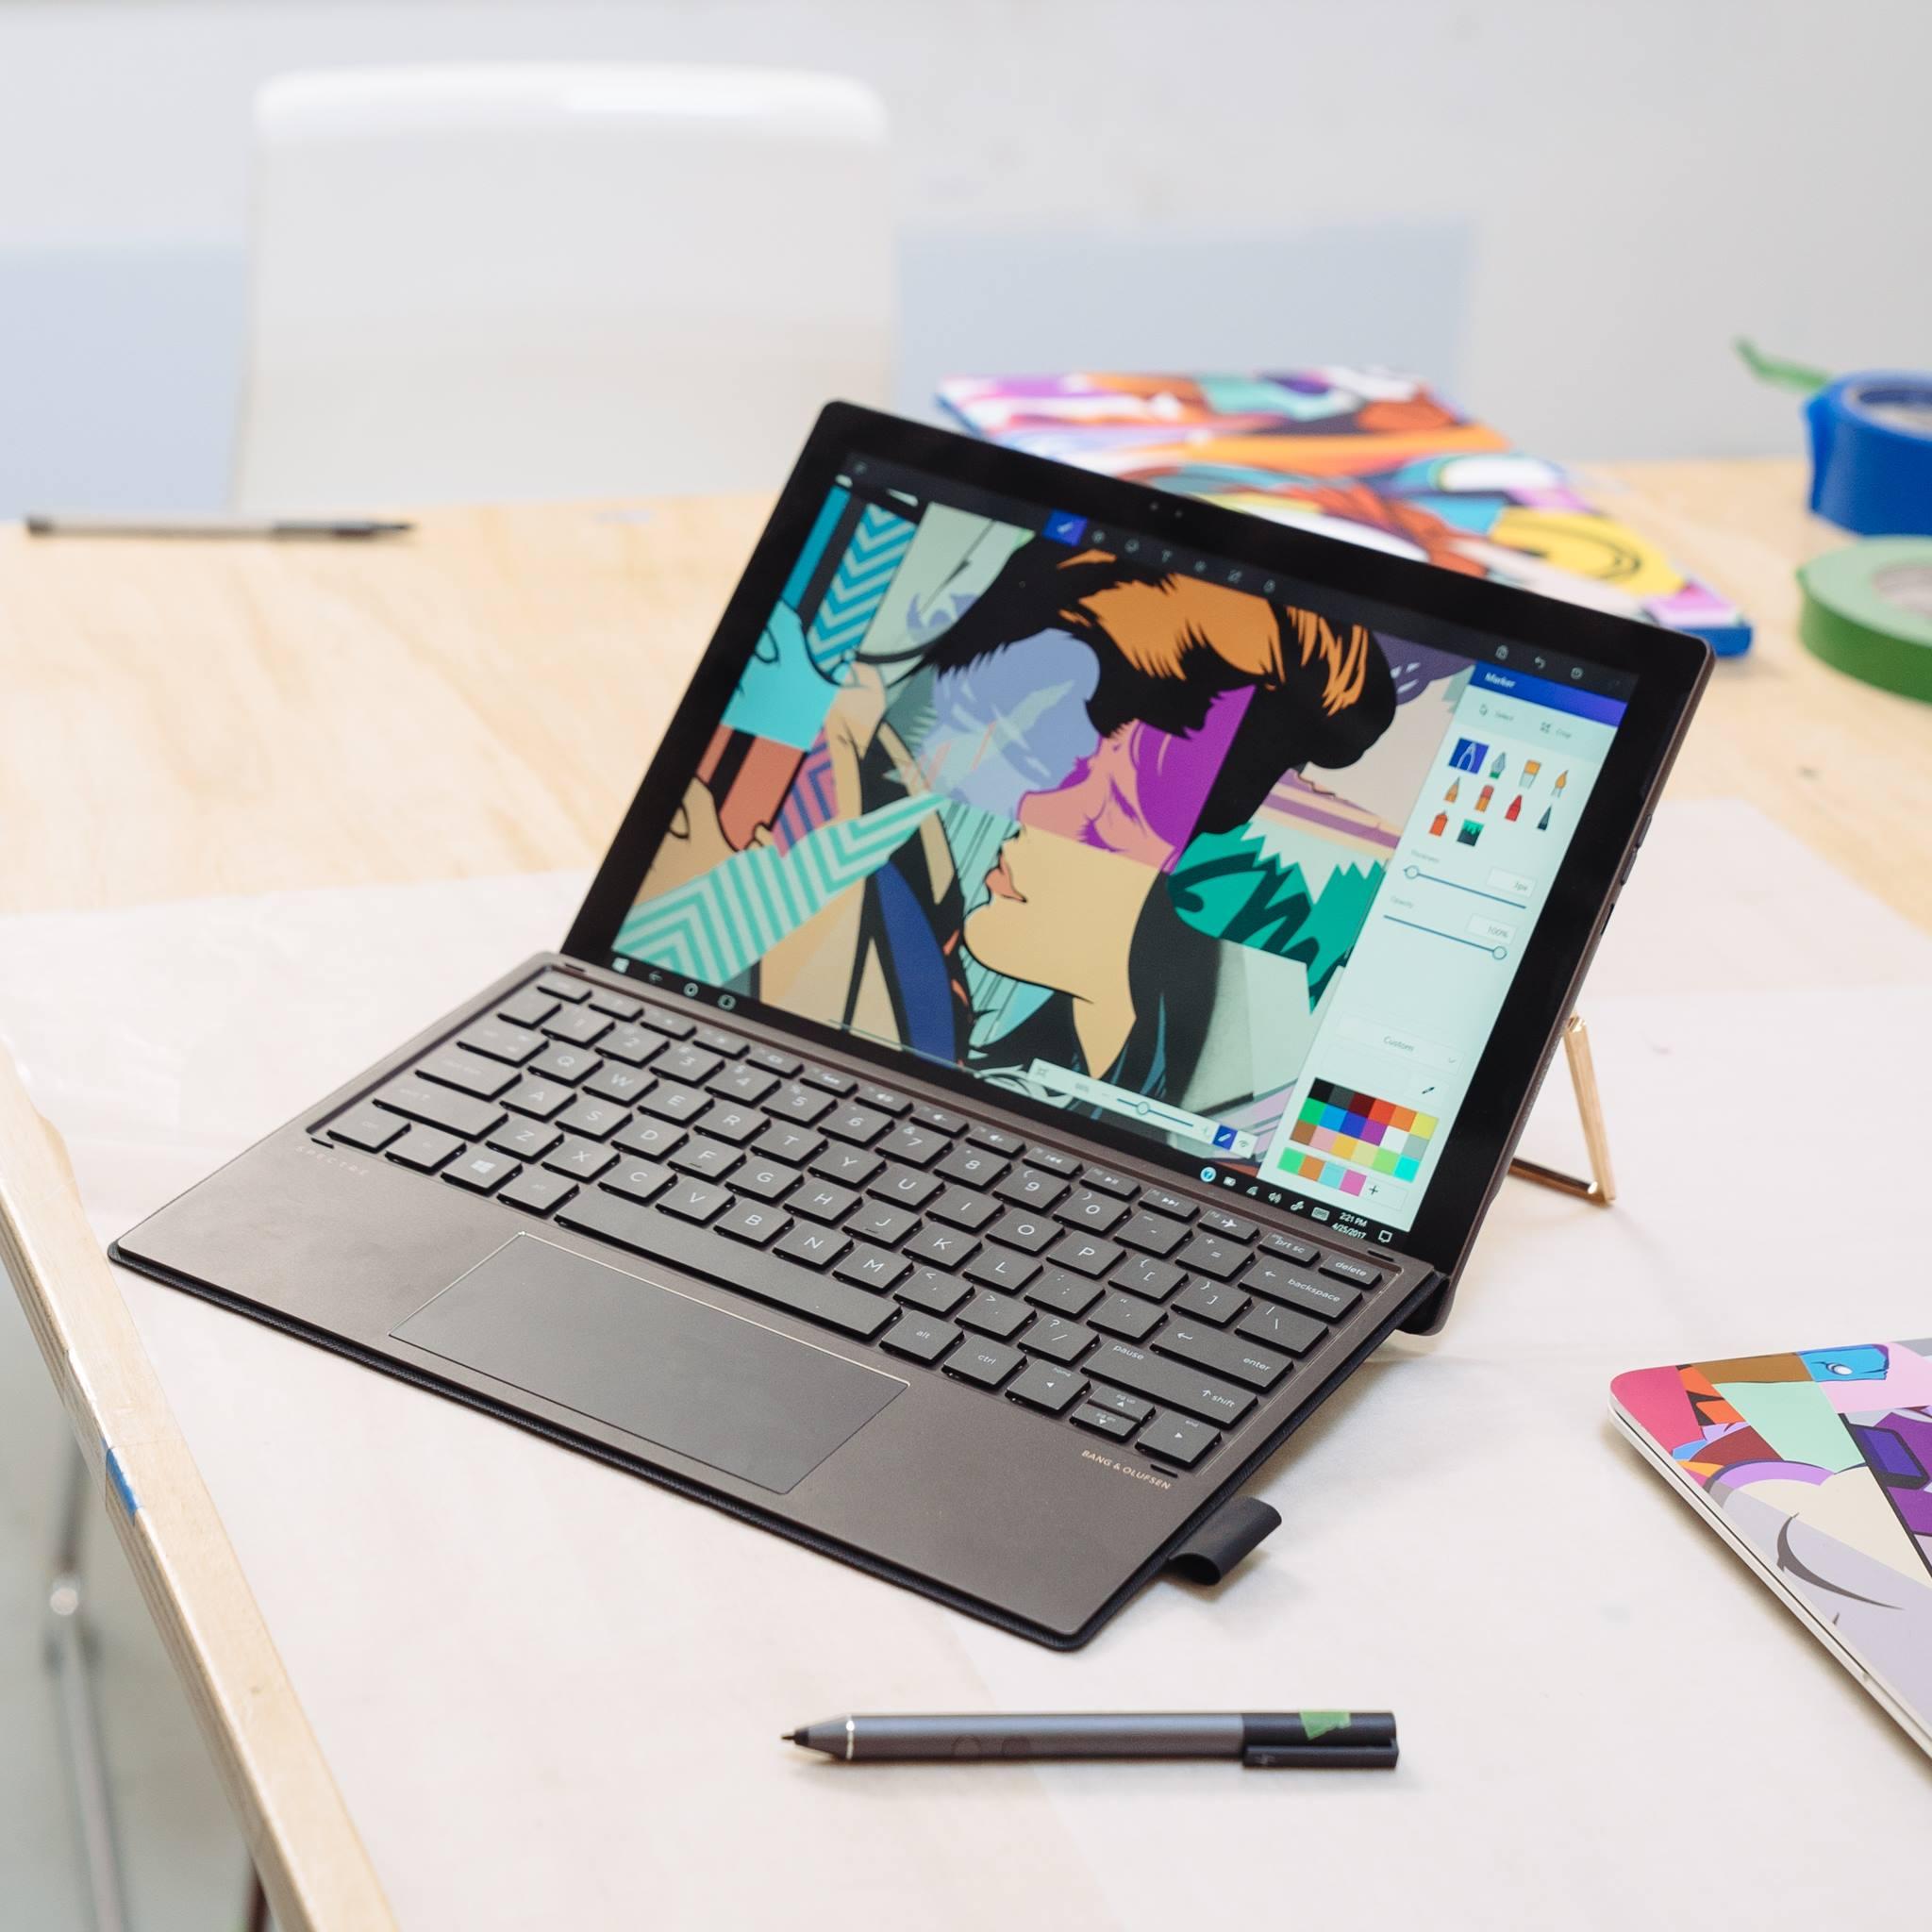 HP Spring Deals up to 20% OFF on laptops & desktops